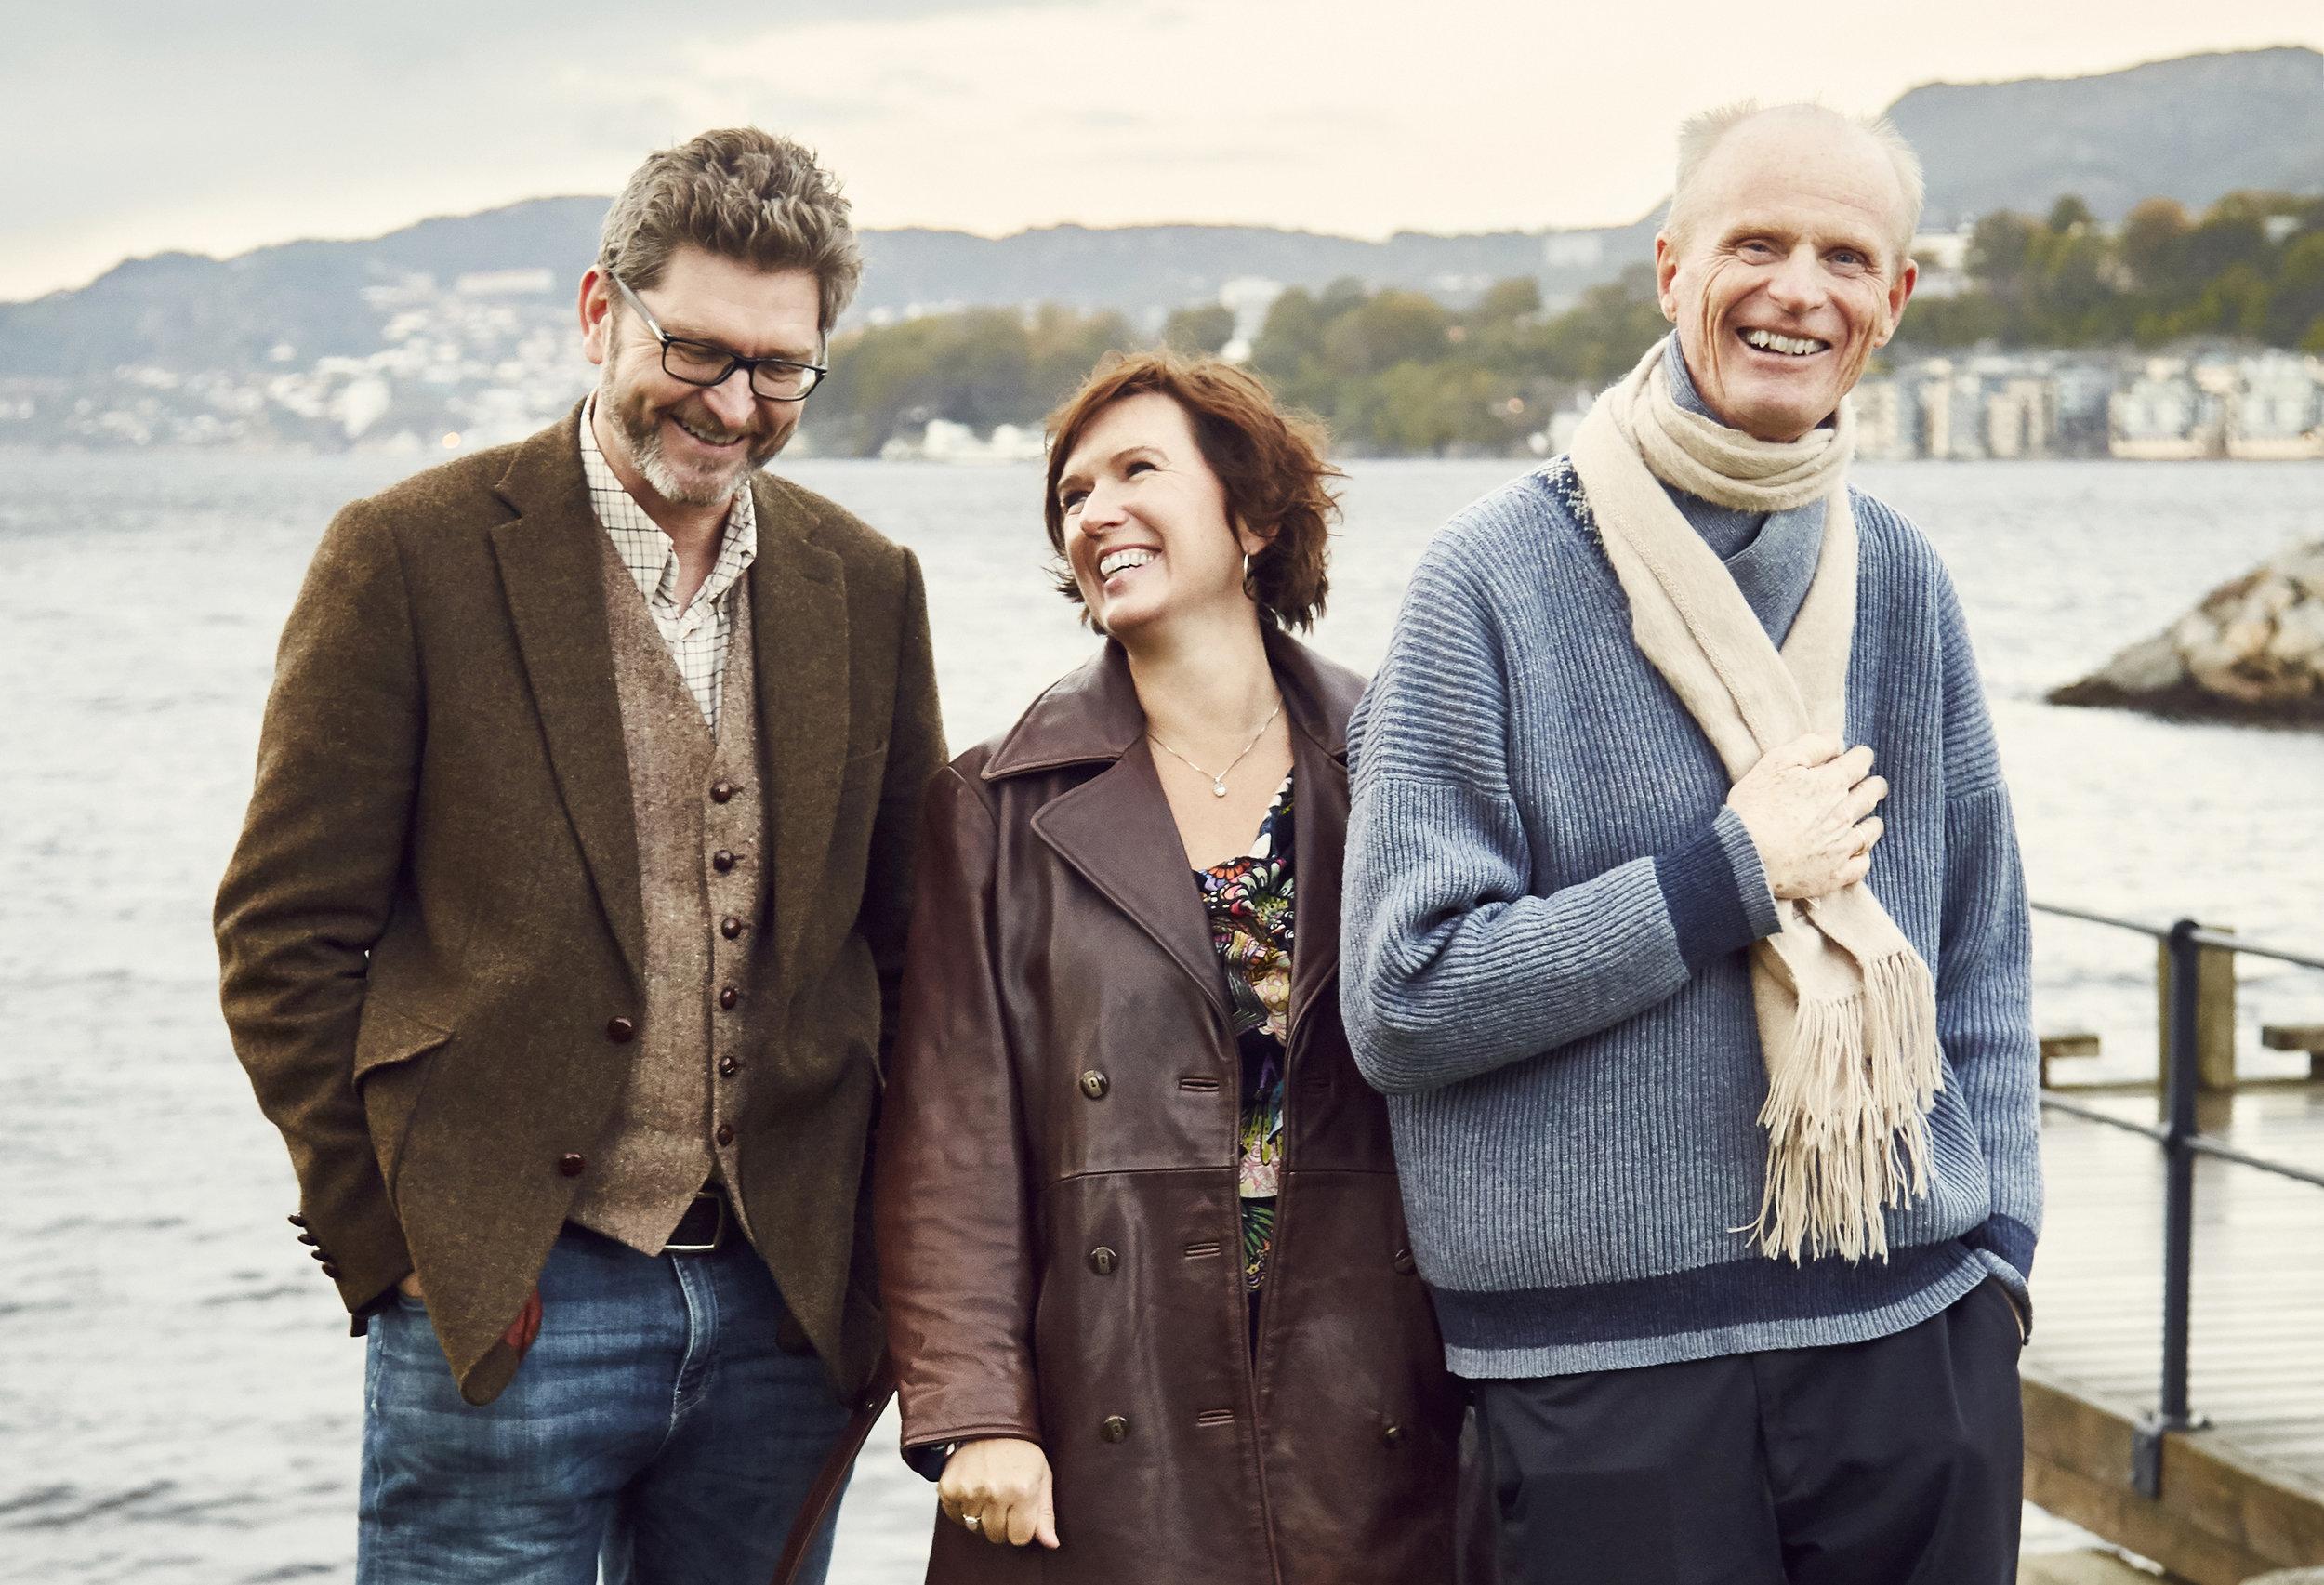 Bergsveinn Birgisson, Berit Opheim og Gabriel Fliflet - dette trekløveret møter du i den litterære konserten GLIMESTEINAR i Jakob Sande-tunet søndag 25. november. Foto: Øystein Haara